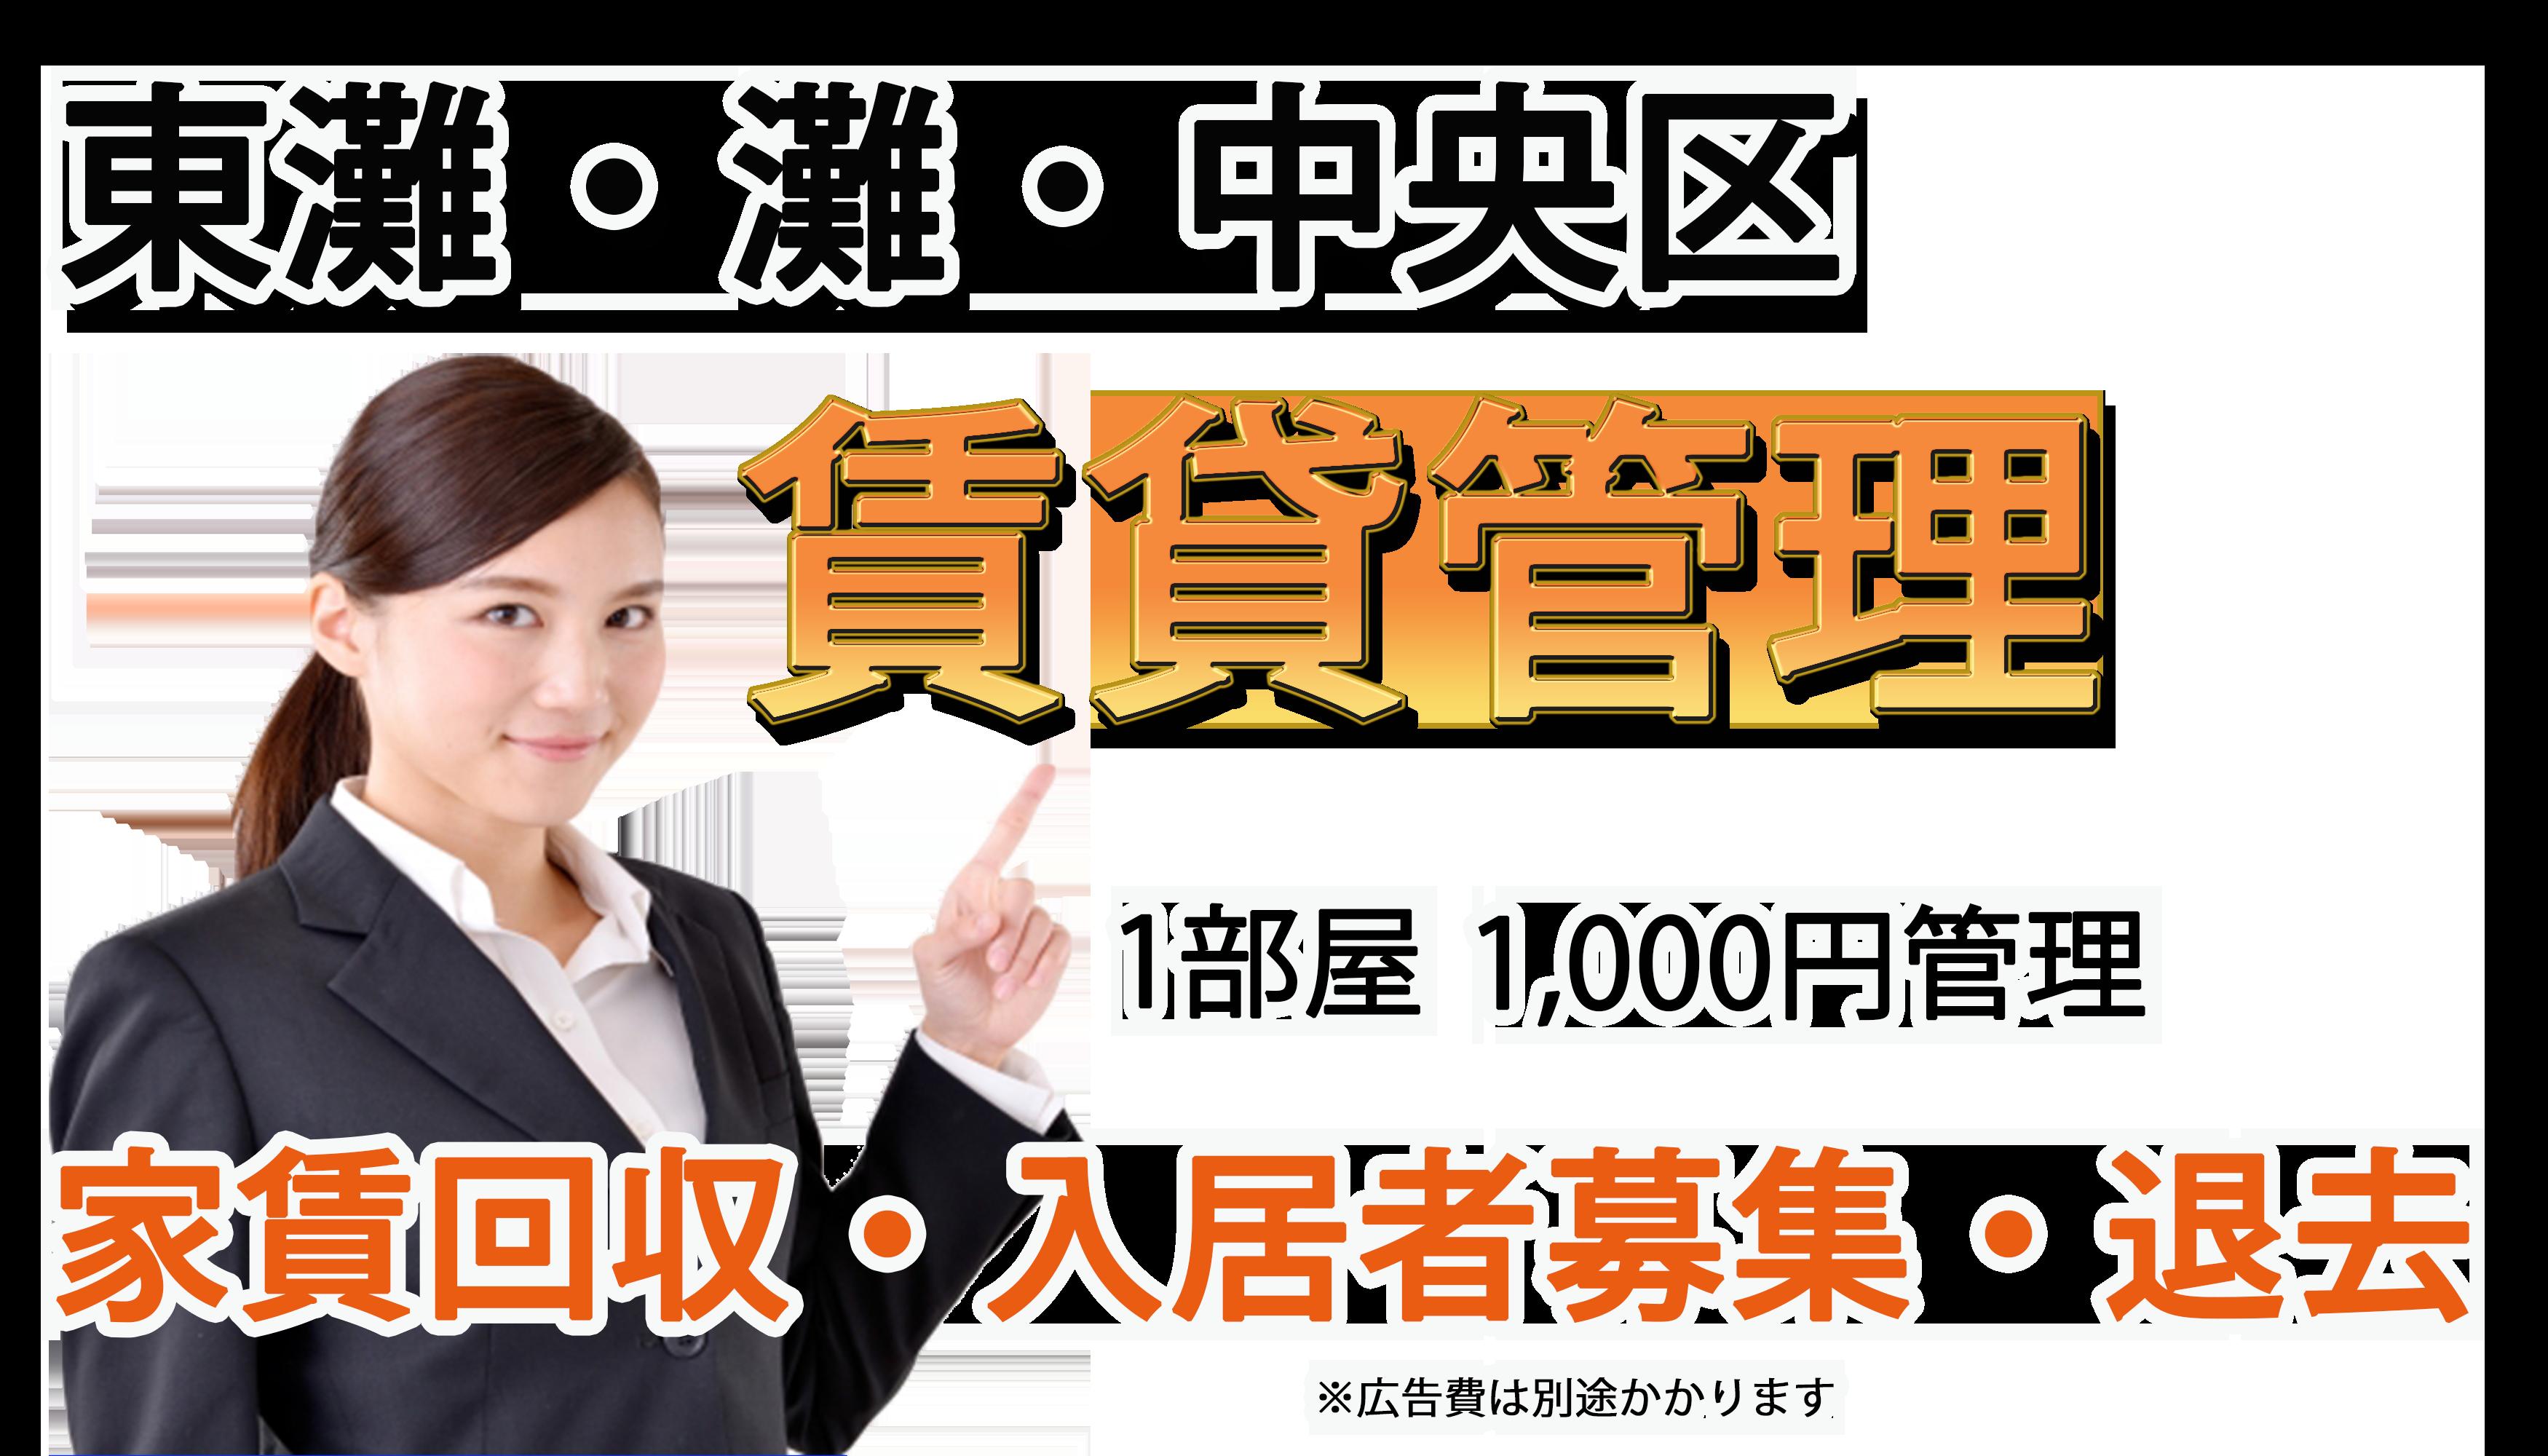 東灘・灘・中央区賃貸管理1部屋1000円管理・家賃回収・入居者募集・退去